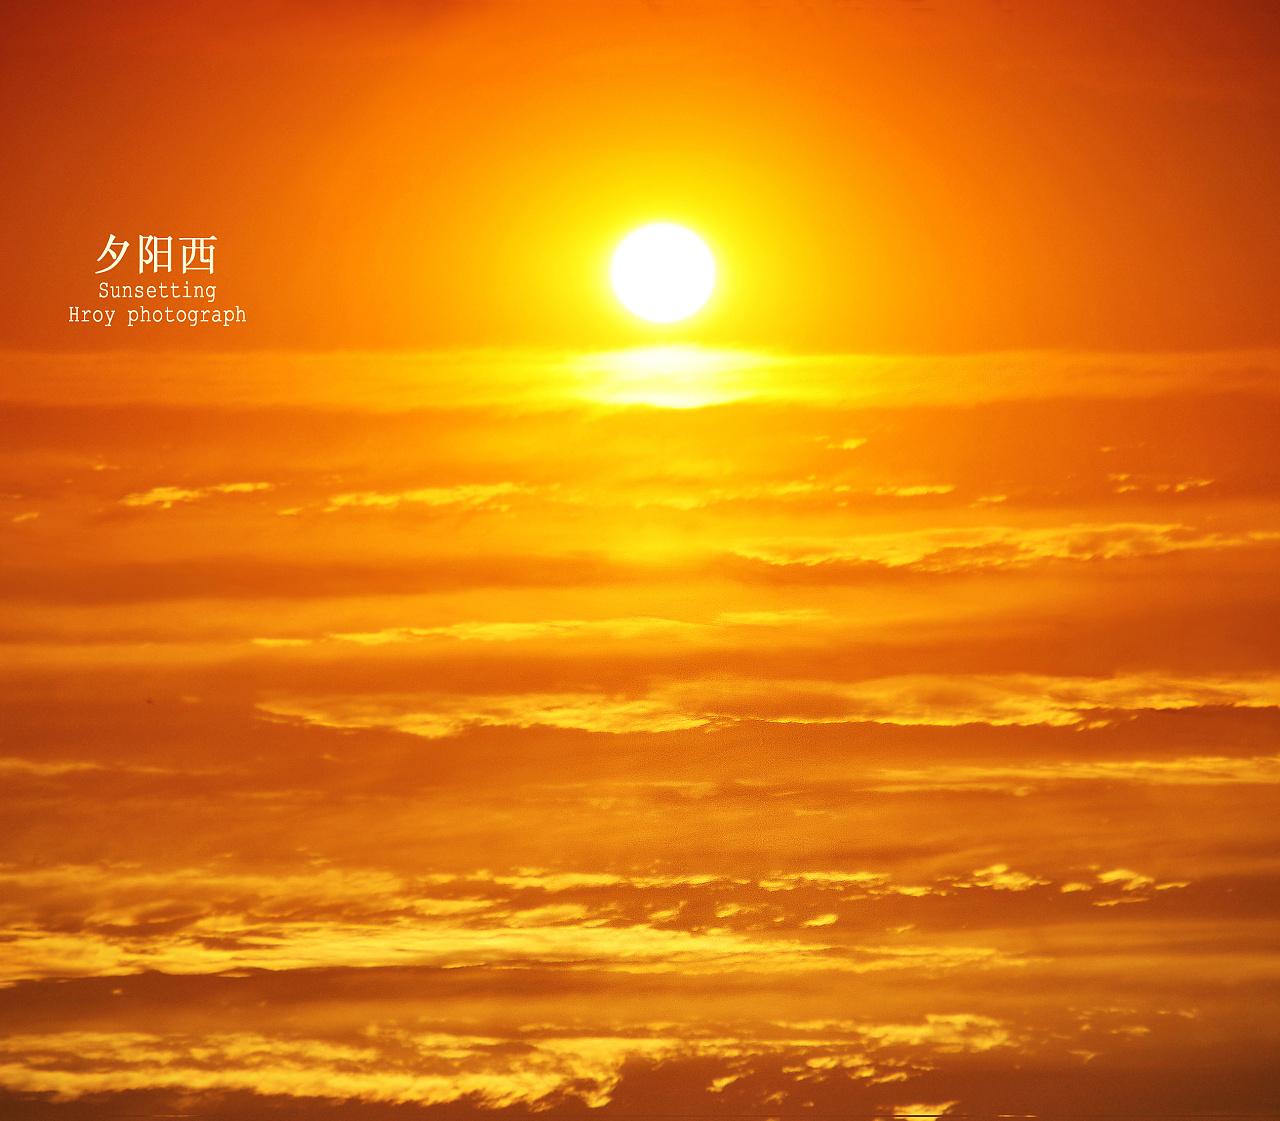 想知道: 武汉市 阳光不锈摄影 在哪